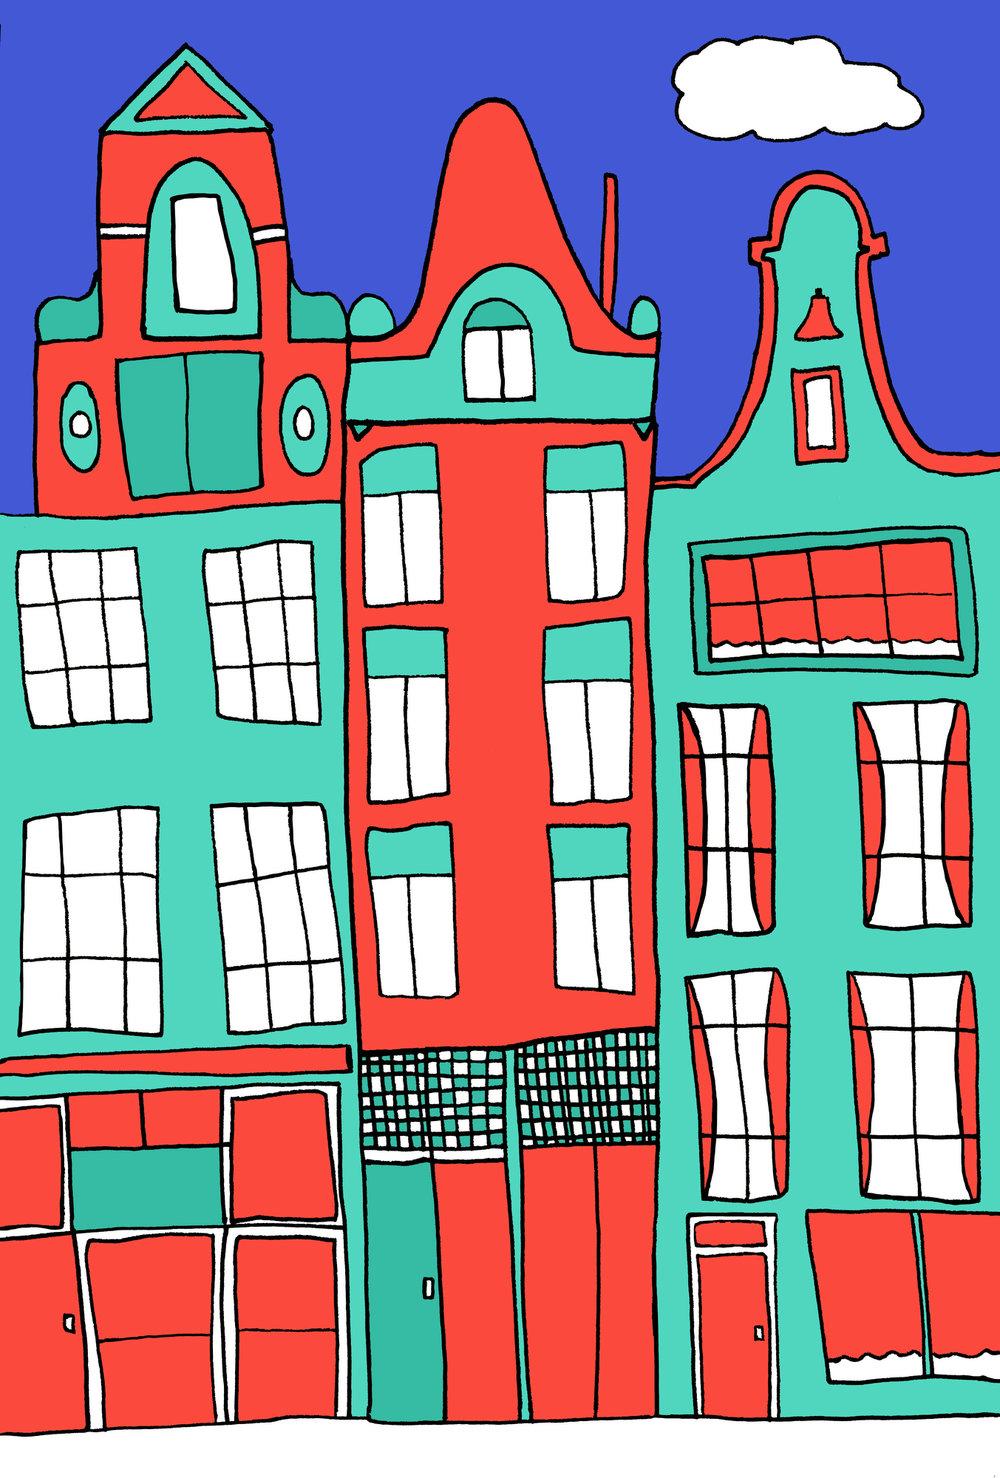 BuildingsDrawings_488_lowres.jpg